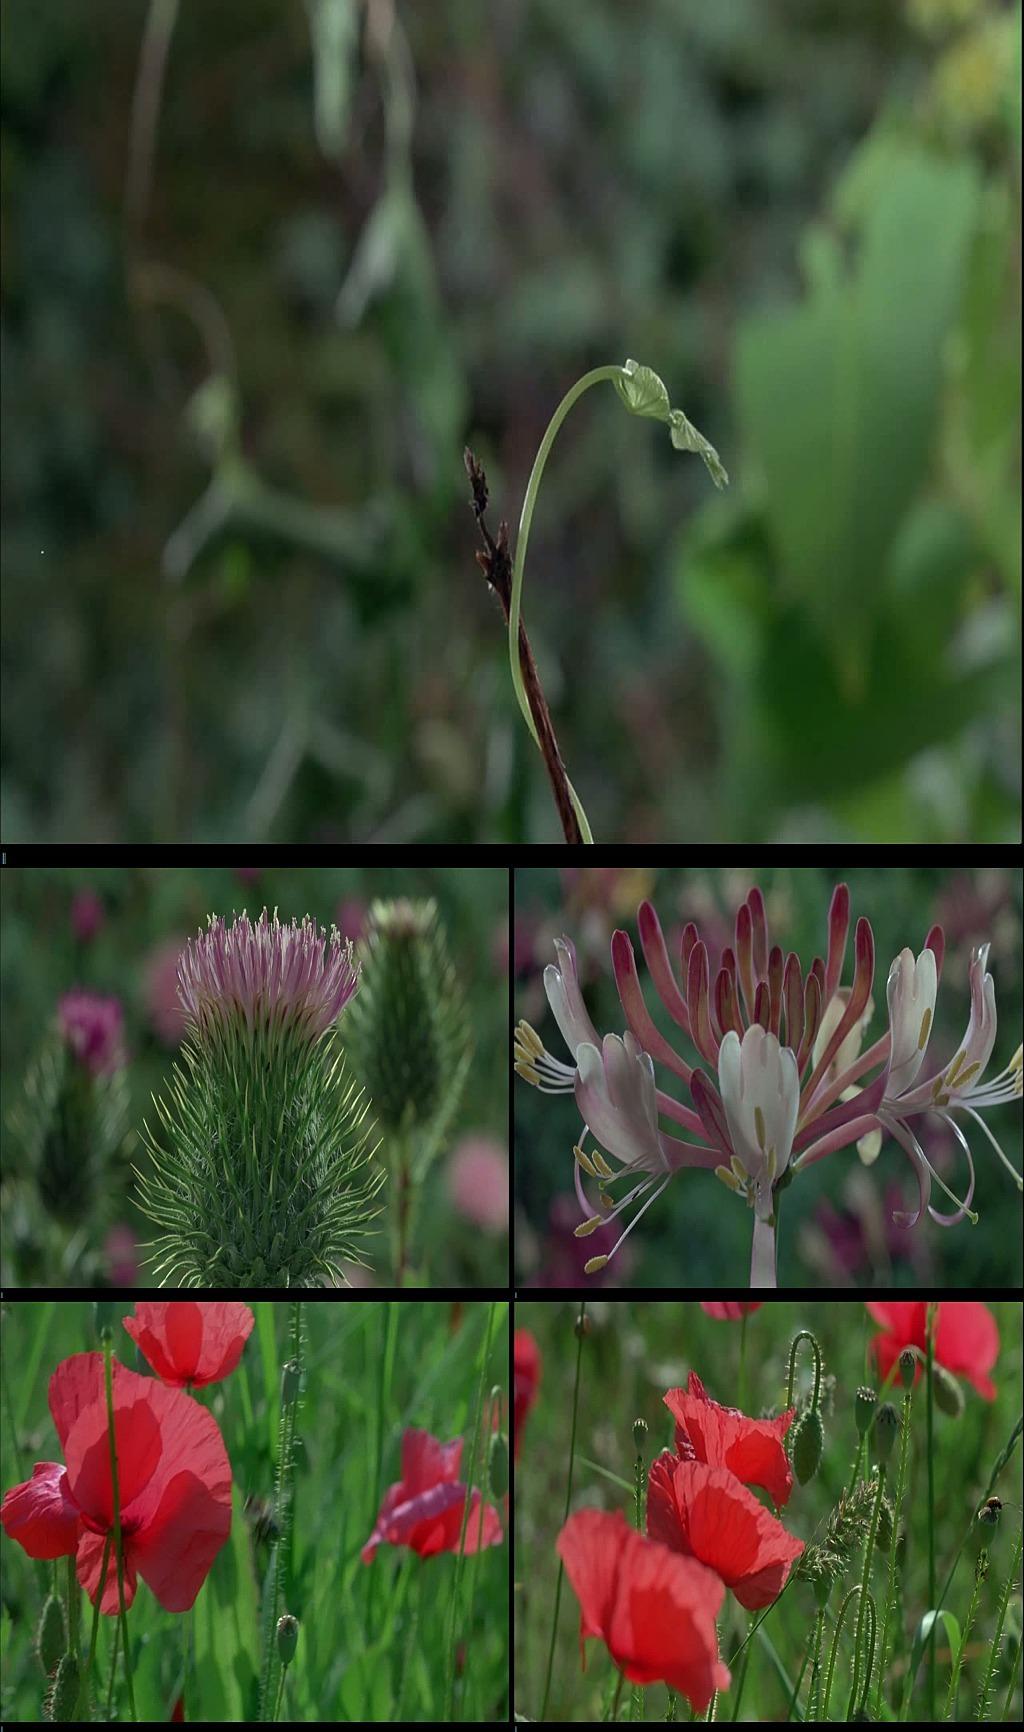 植物生长花朵生长视频素材